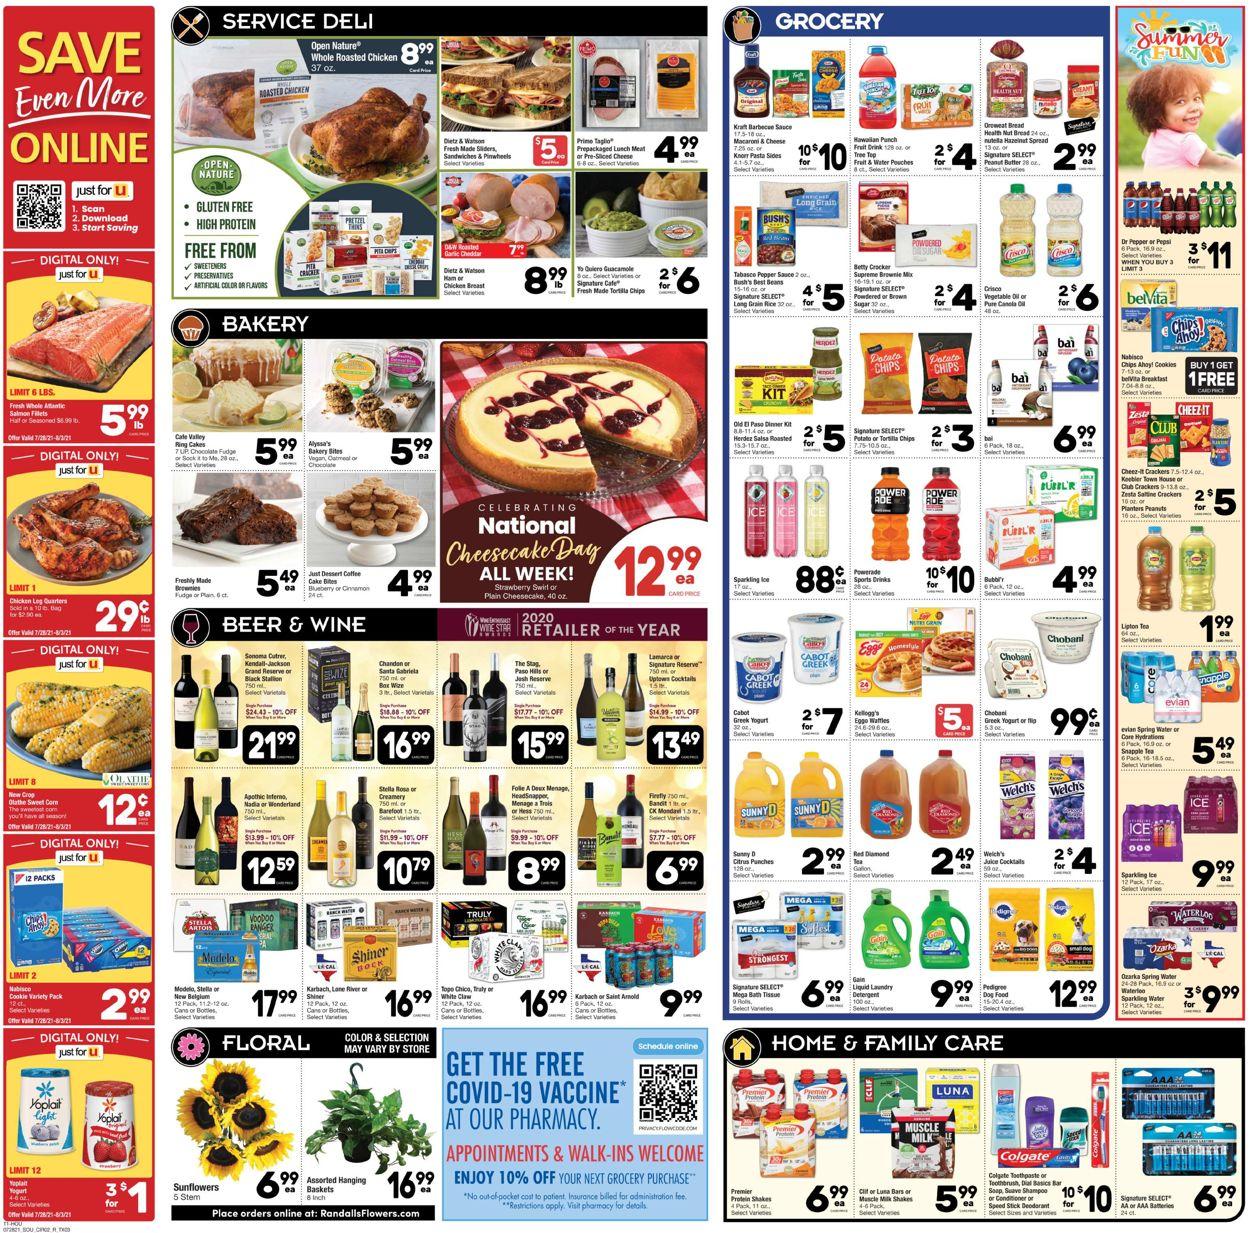 Randalls Weekly Ad Circular - valid 07/28-08/03/2021 (Page 2)